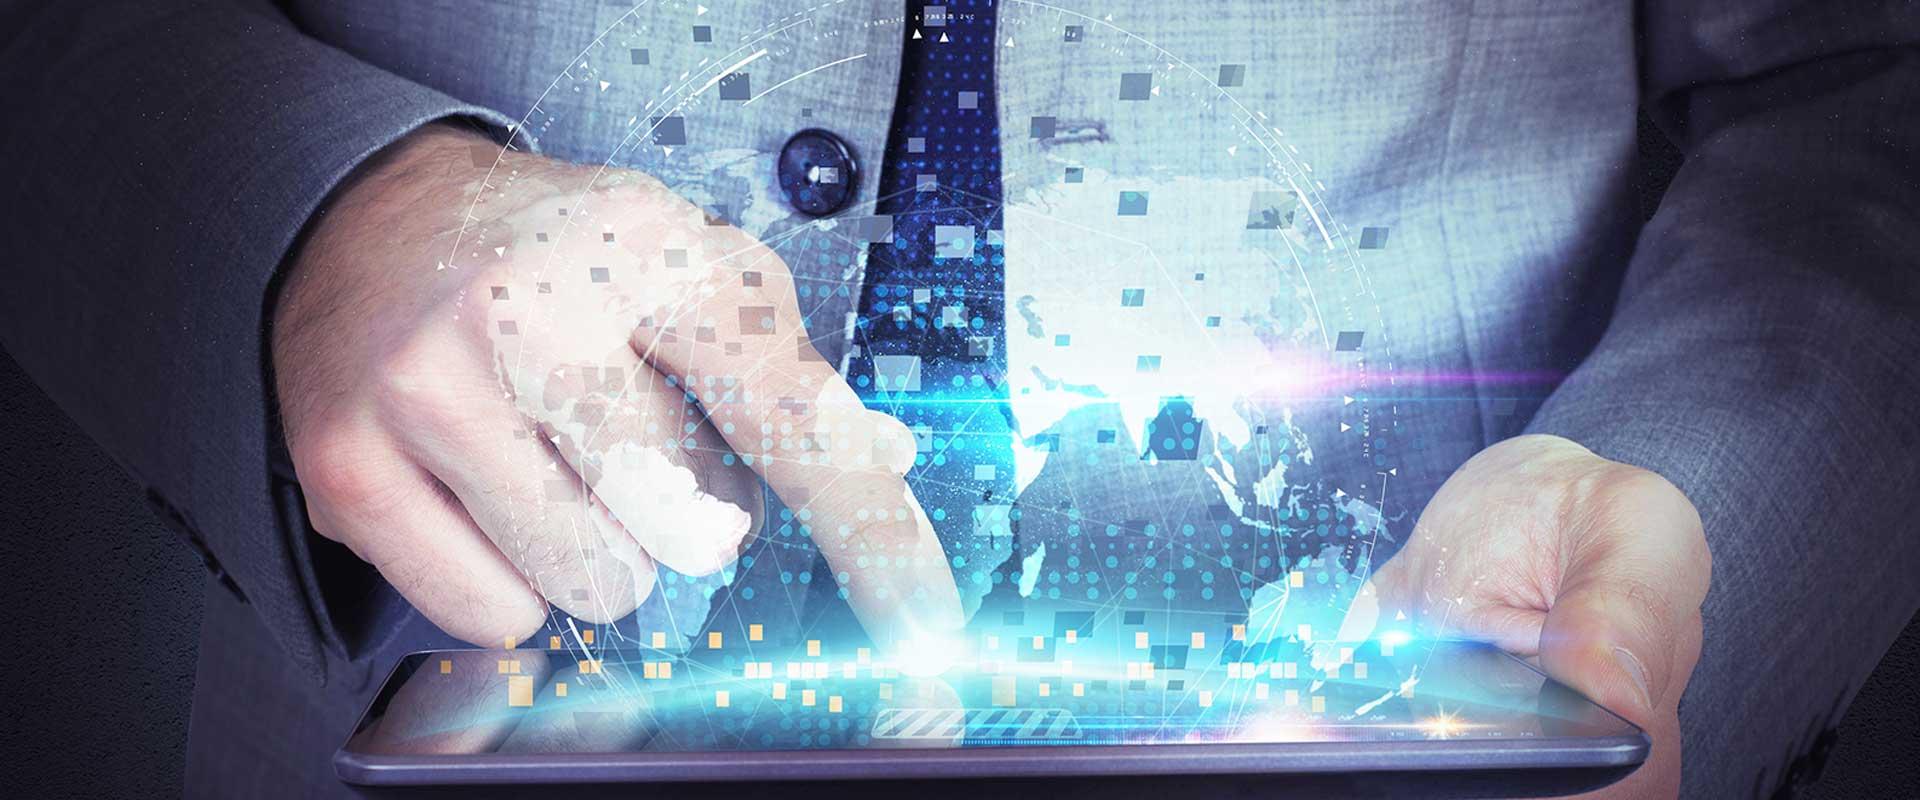 Connectica. sviluppo software e siti web, posizionamento siti web sui motori di ricerca. web marketing